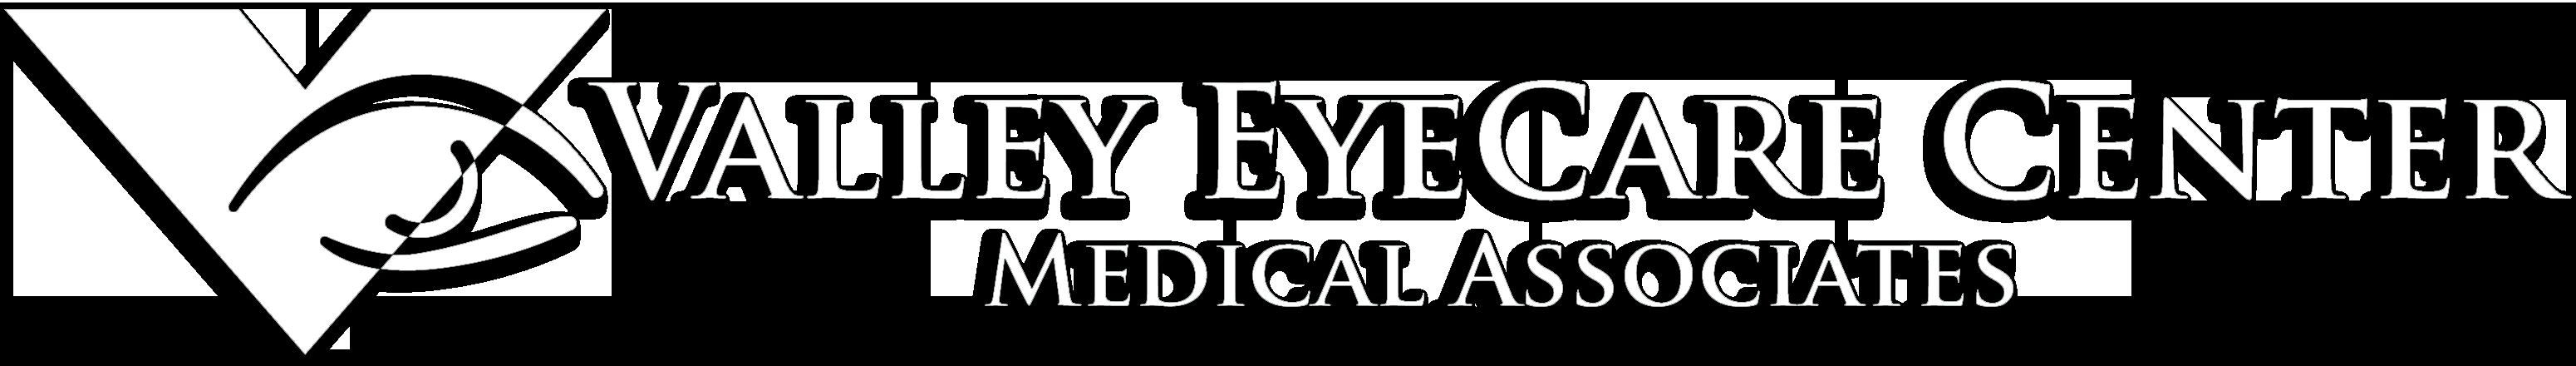 valleyeyecarecenter com – Valley Eye Care Center